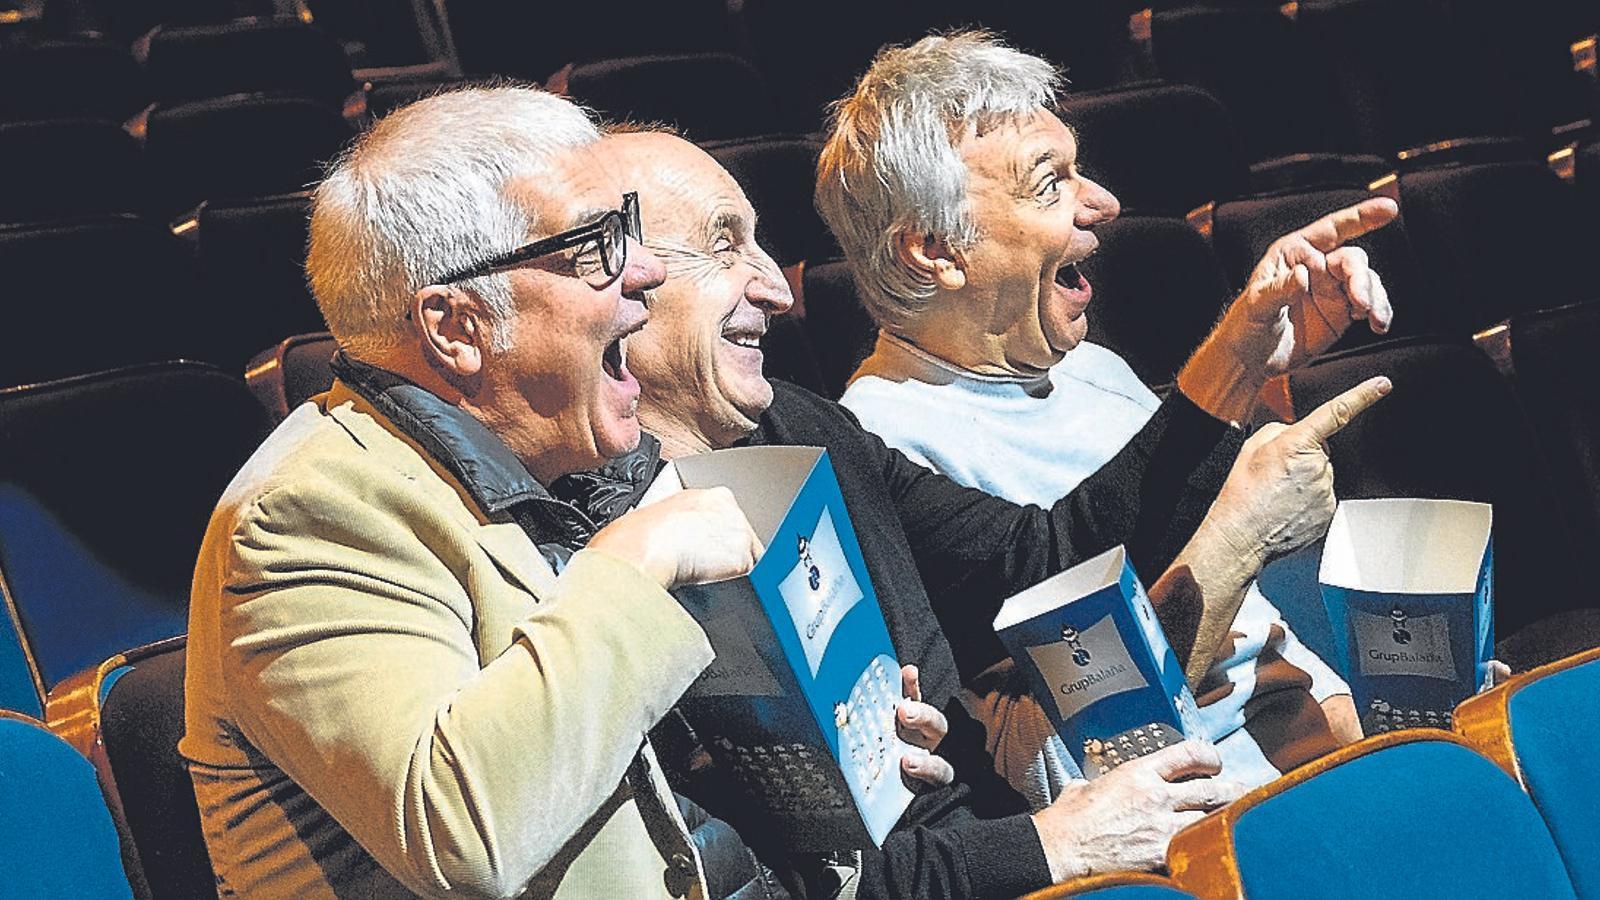 Joan Gràcia, Paco Mir i Carles Sans, el Tricicle, a la platea del Teatre Coliseum de Barcelona.